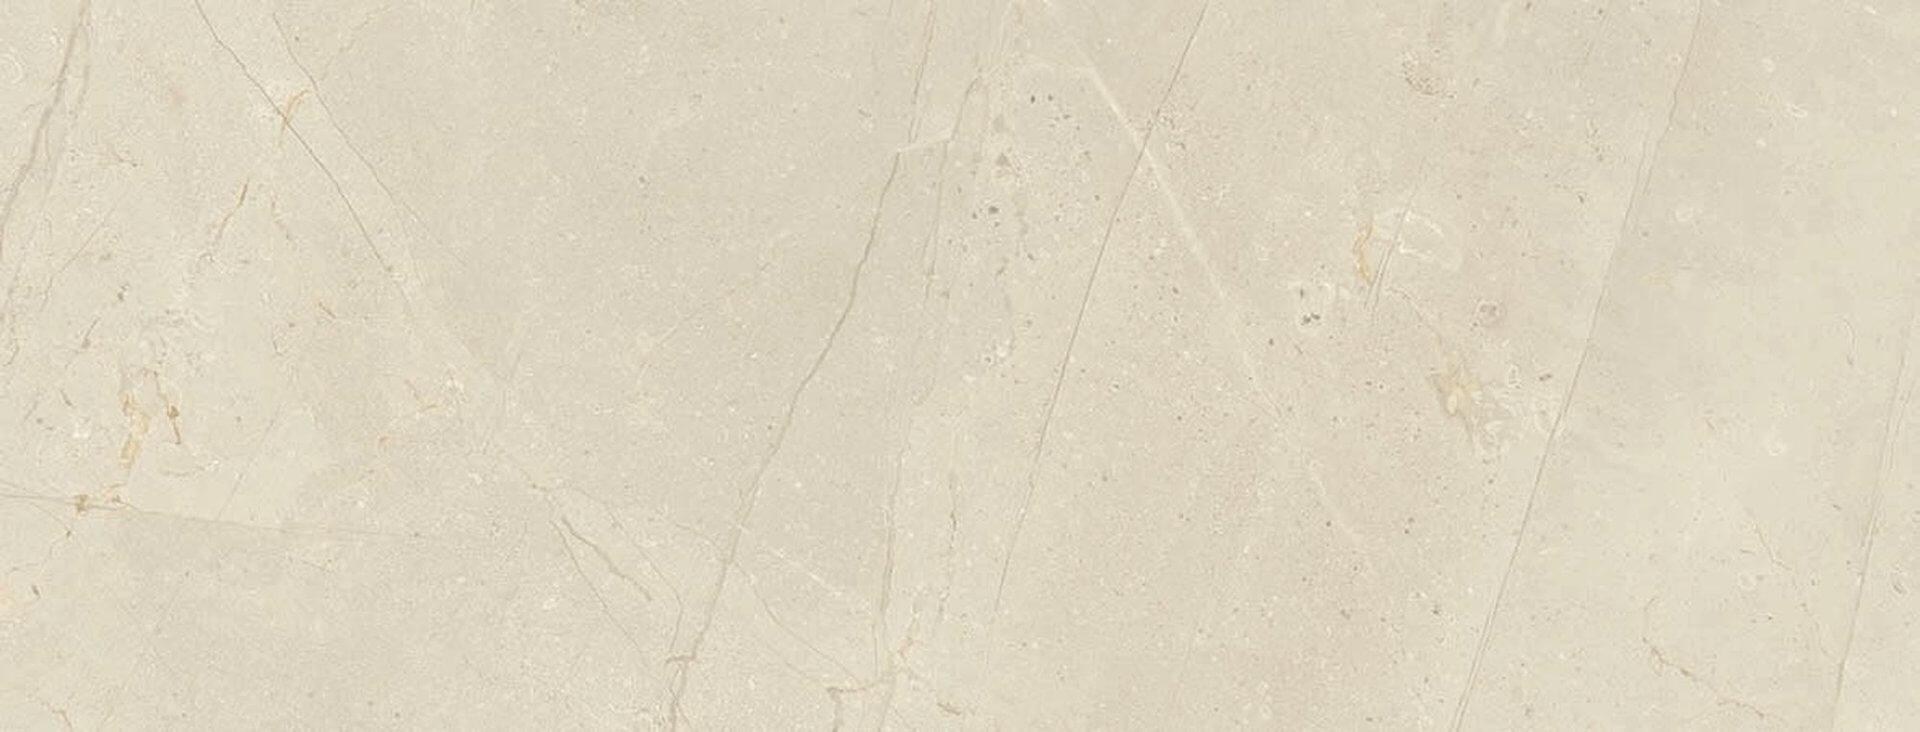 Купить Керамогранит Fanal Milord Pav. Natural Nplus 45x118, Испания